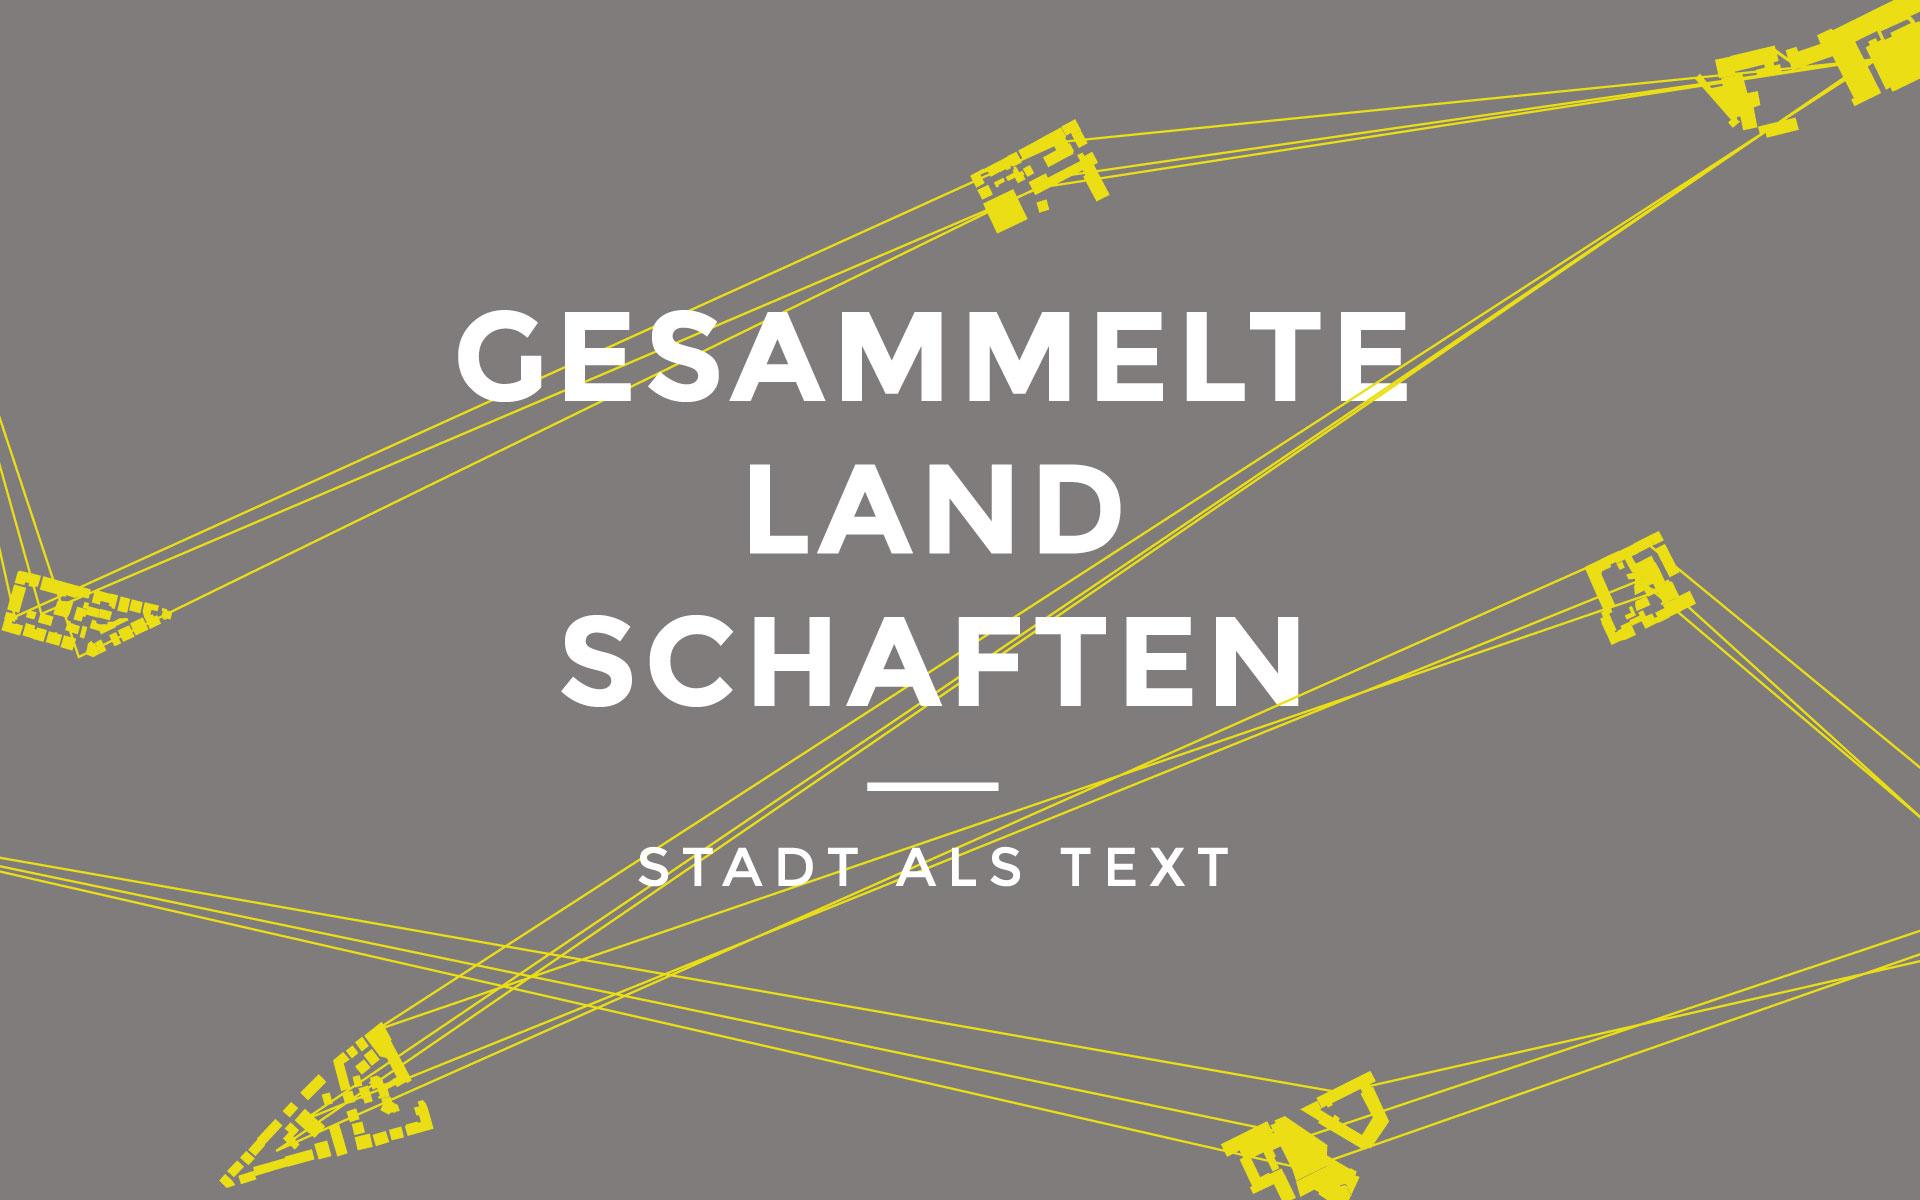 Gesammelte Landschaften - Stadt als Text